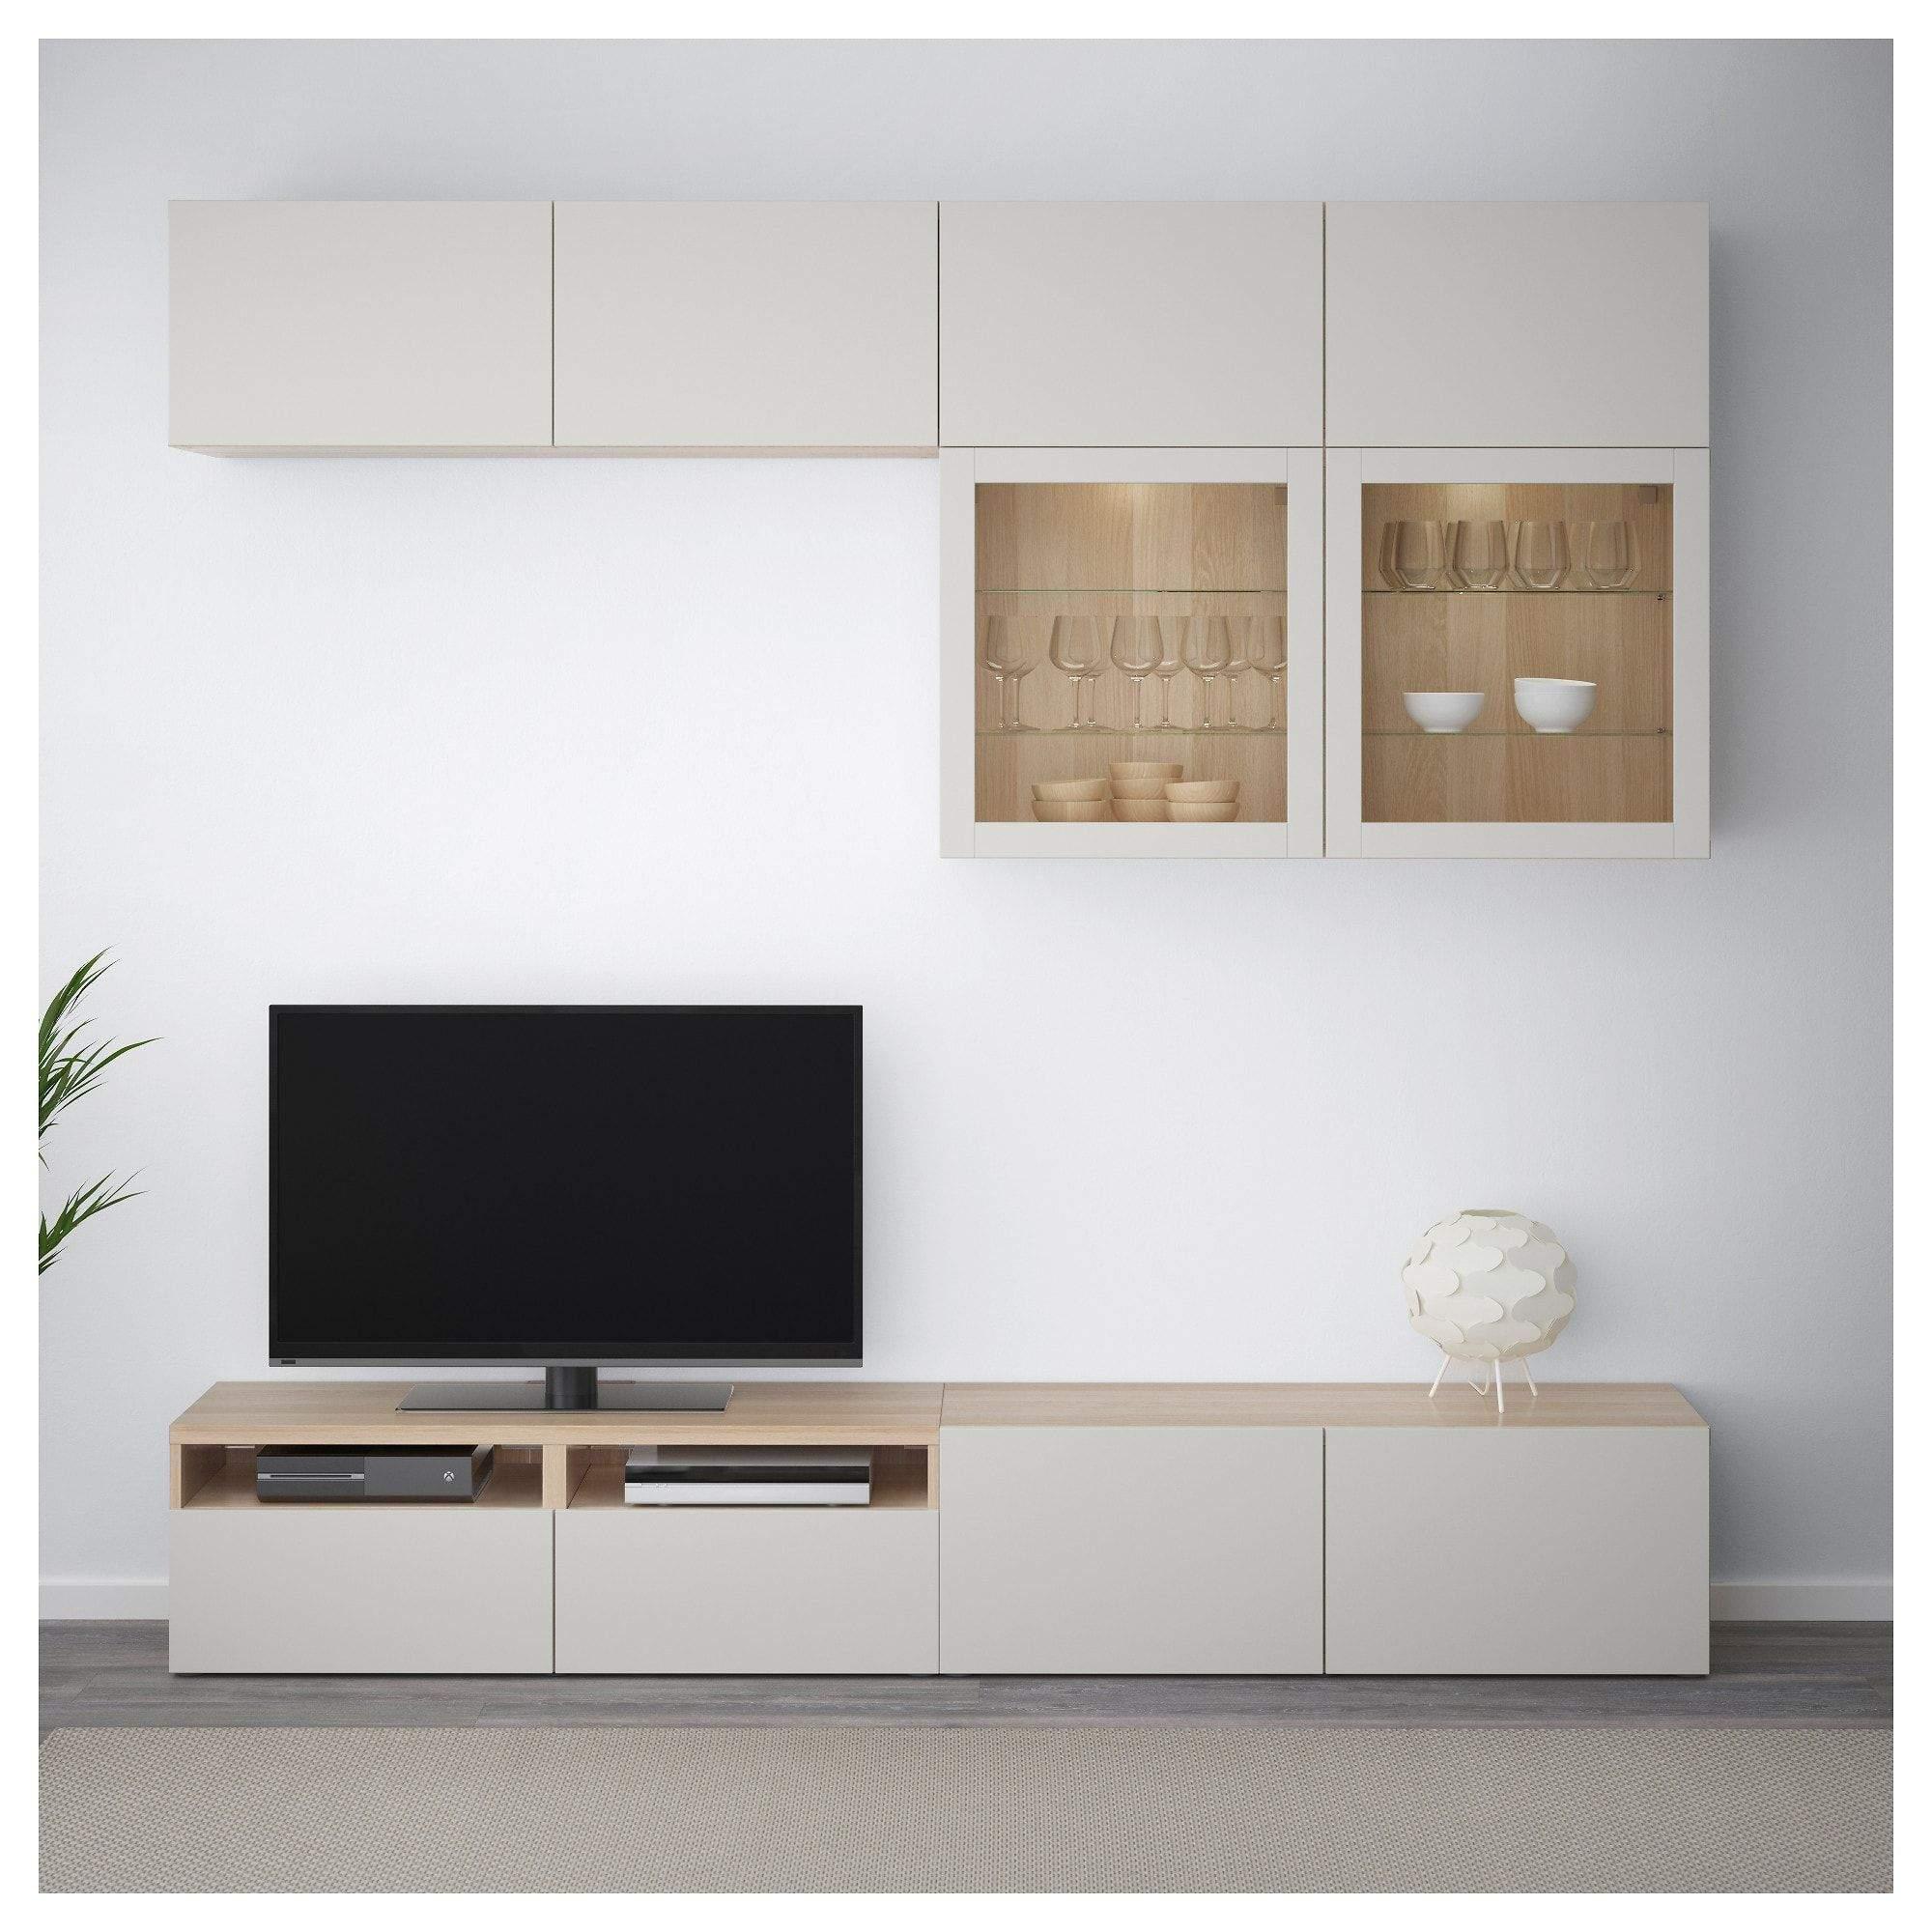 Full Size of Ikea Besta Wohnzimmer Inspirierend Best Tv Komb Mit Vitrinentren Betten 160x200 Bei Küche Kosten Anrichte Sofa Schlaffunktion Modulküche Miniküche Kaufen Wohnzimmer Anrichte Ikea